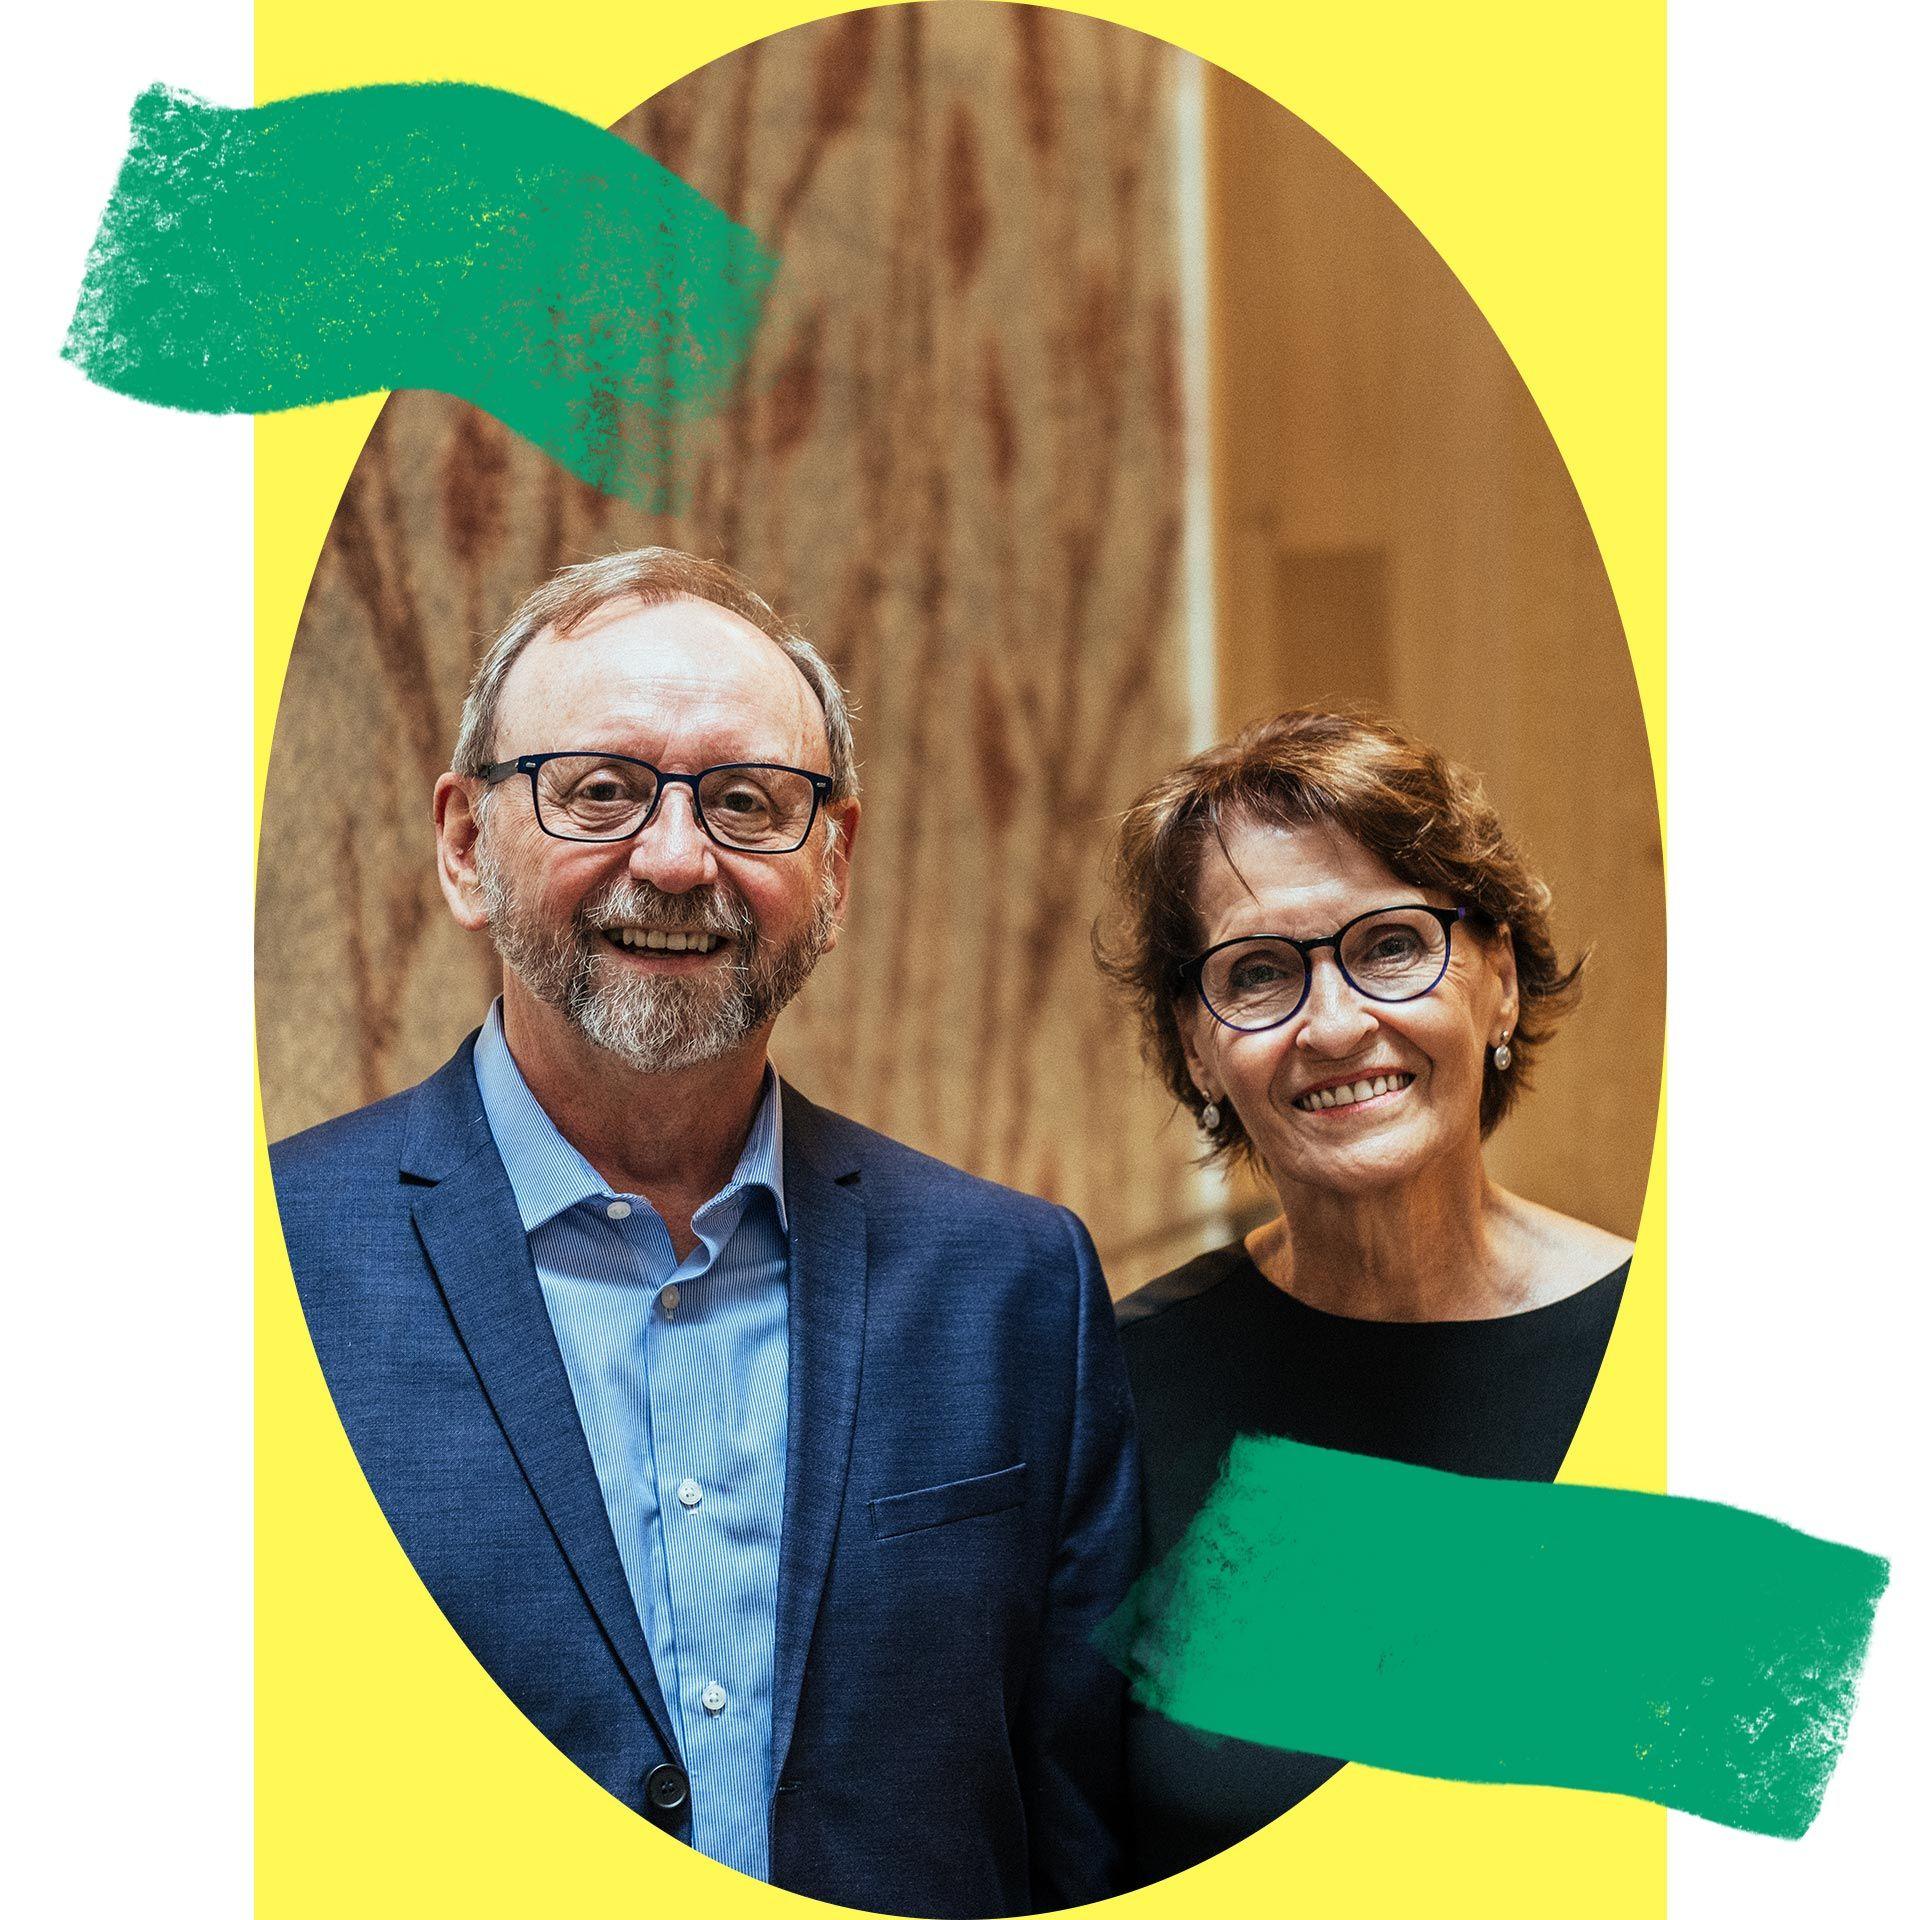 Yvon Lafrenière et Ghislaine Duchesne, donateurs à la Fondation du Musée des beaux-arts de Montréal depuis 2020